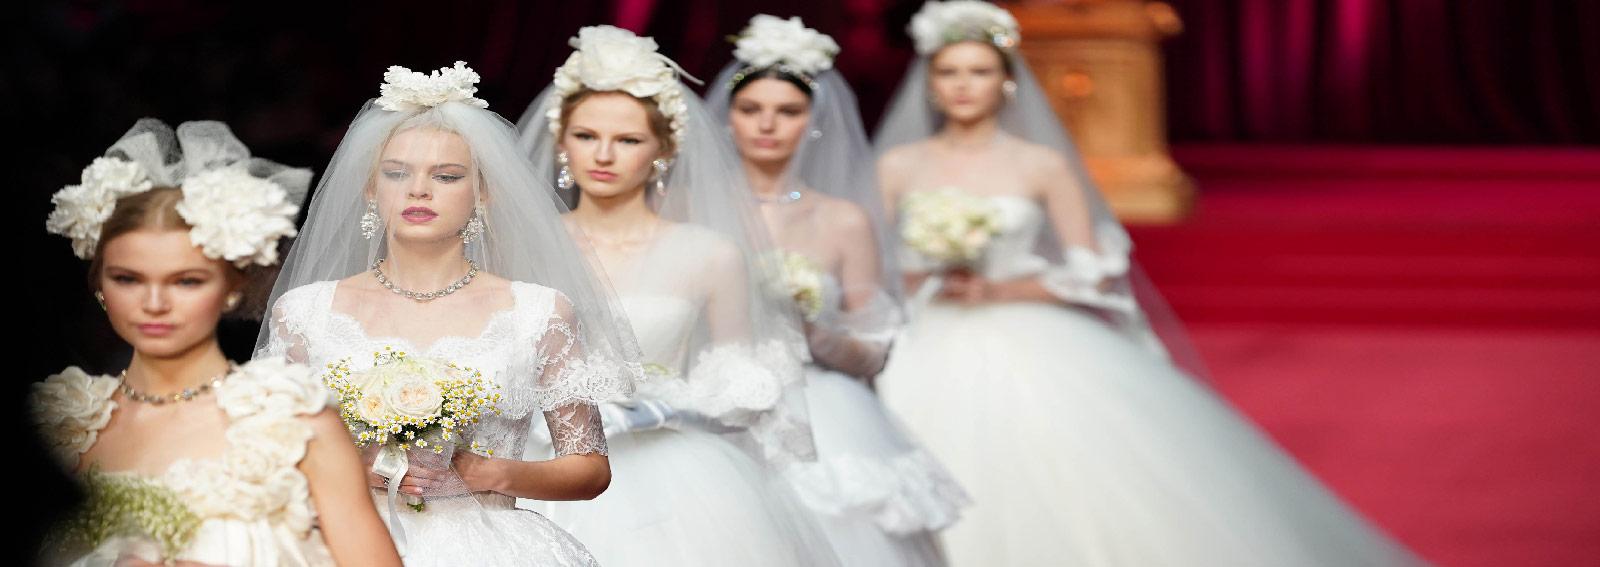 COVER-abiti-da-sposa-sfilate-fw-2019-DESKTOP